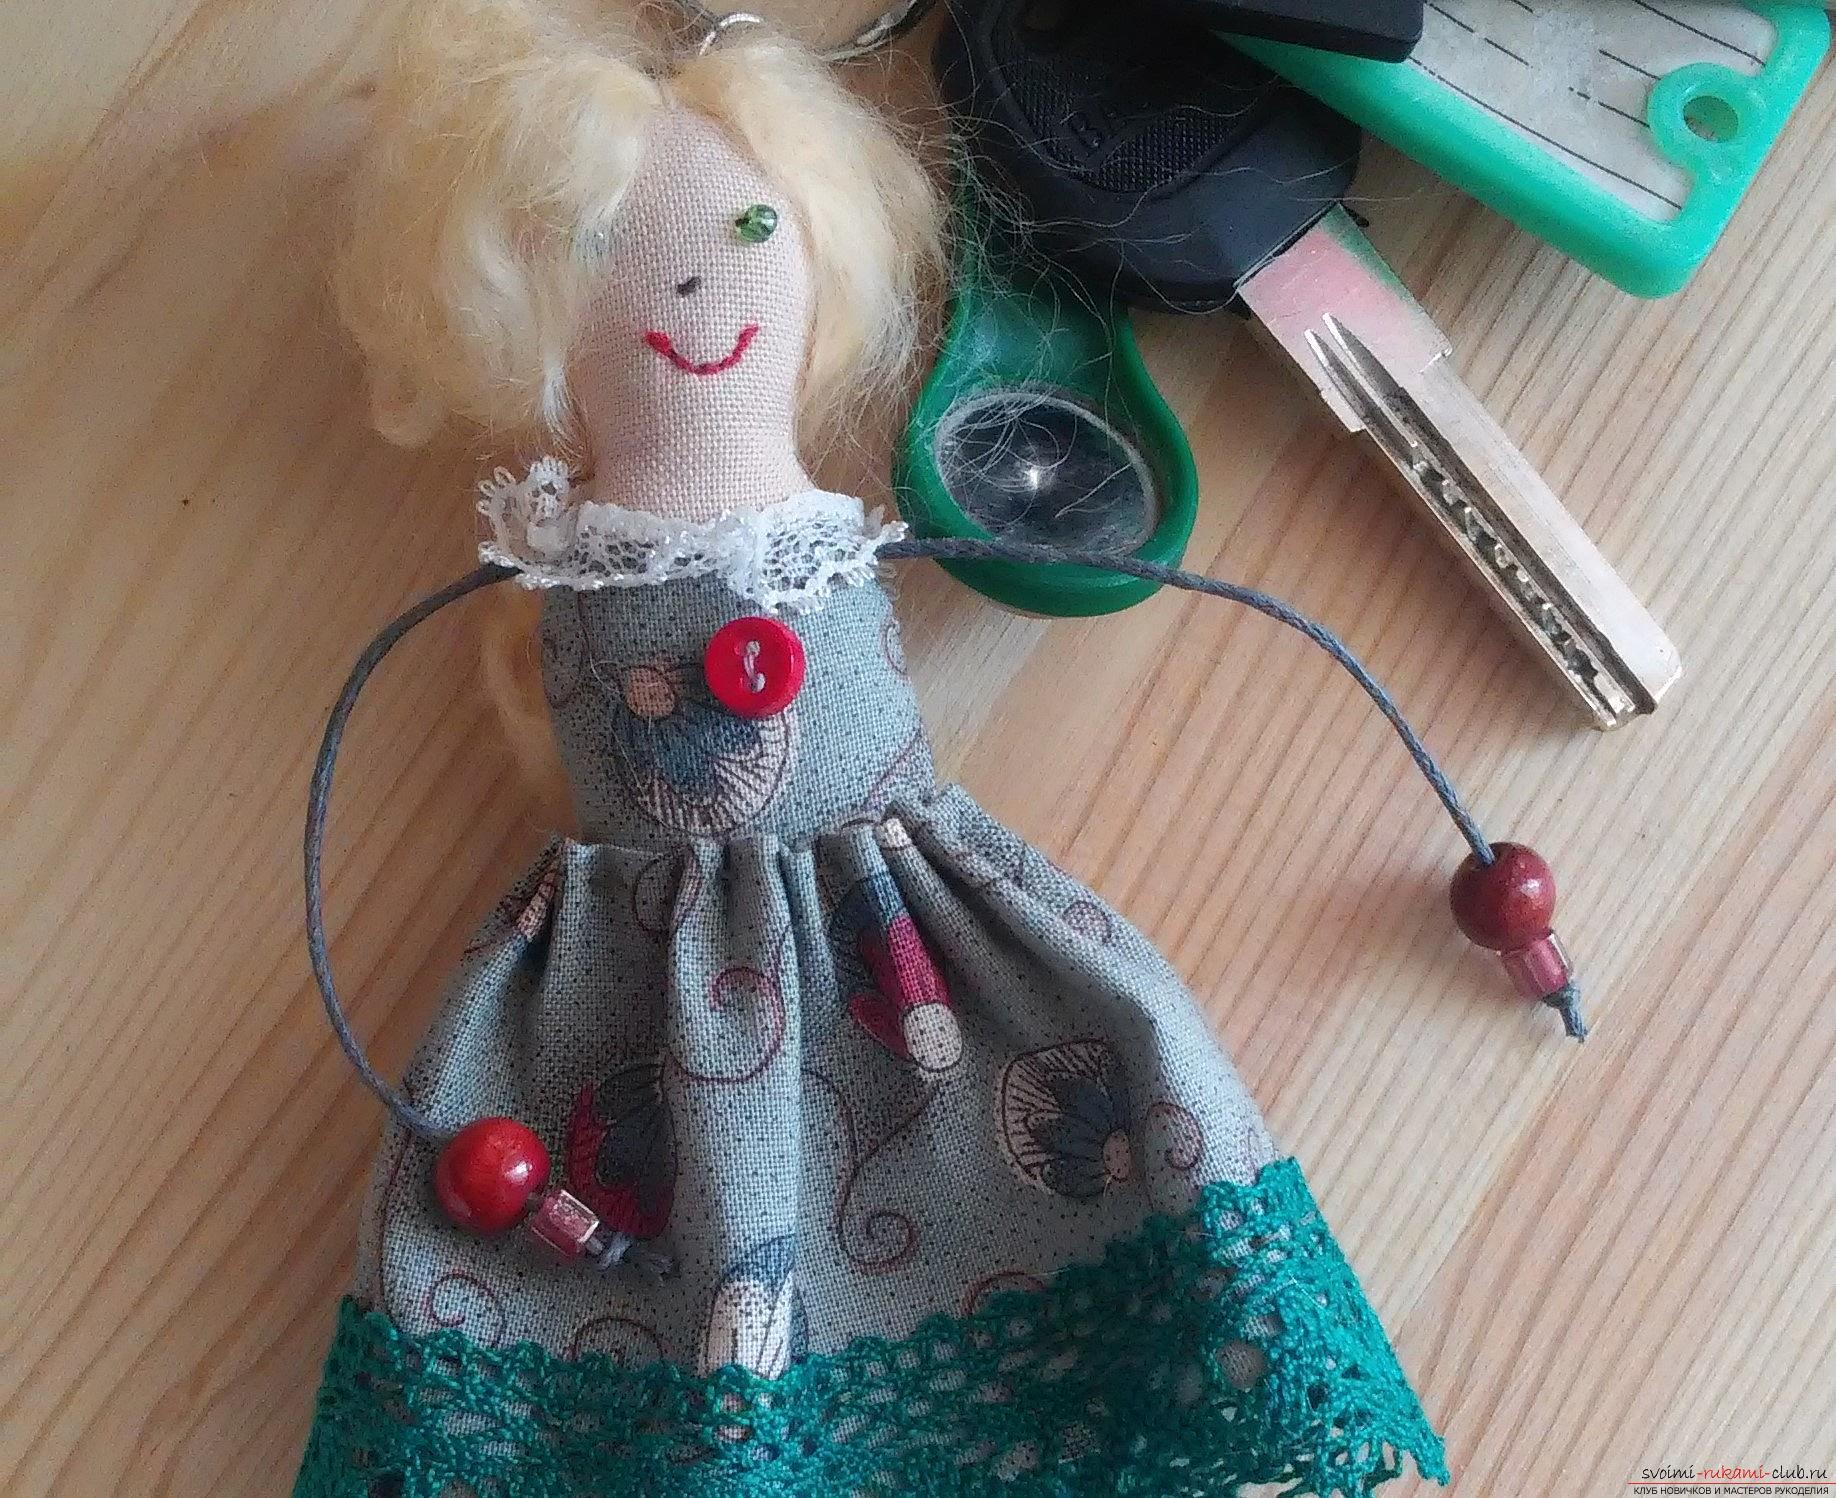 Куклы: мастер-классы для начинающих и профессионалов на